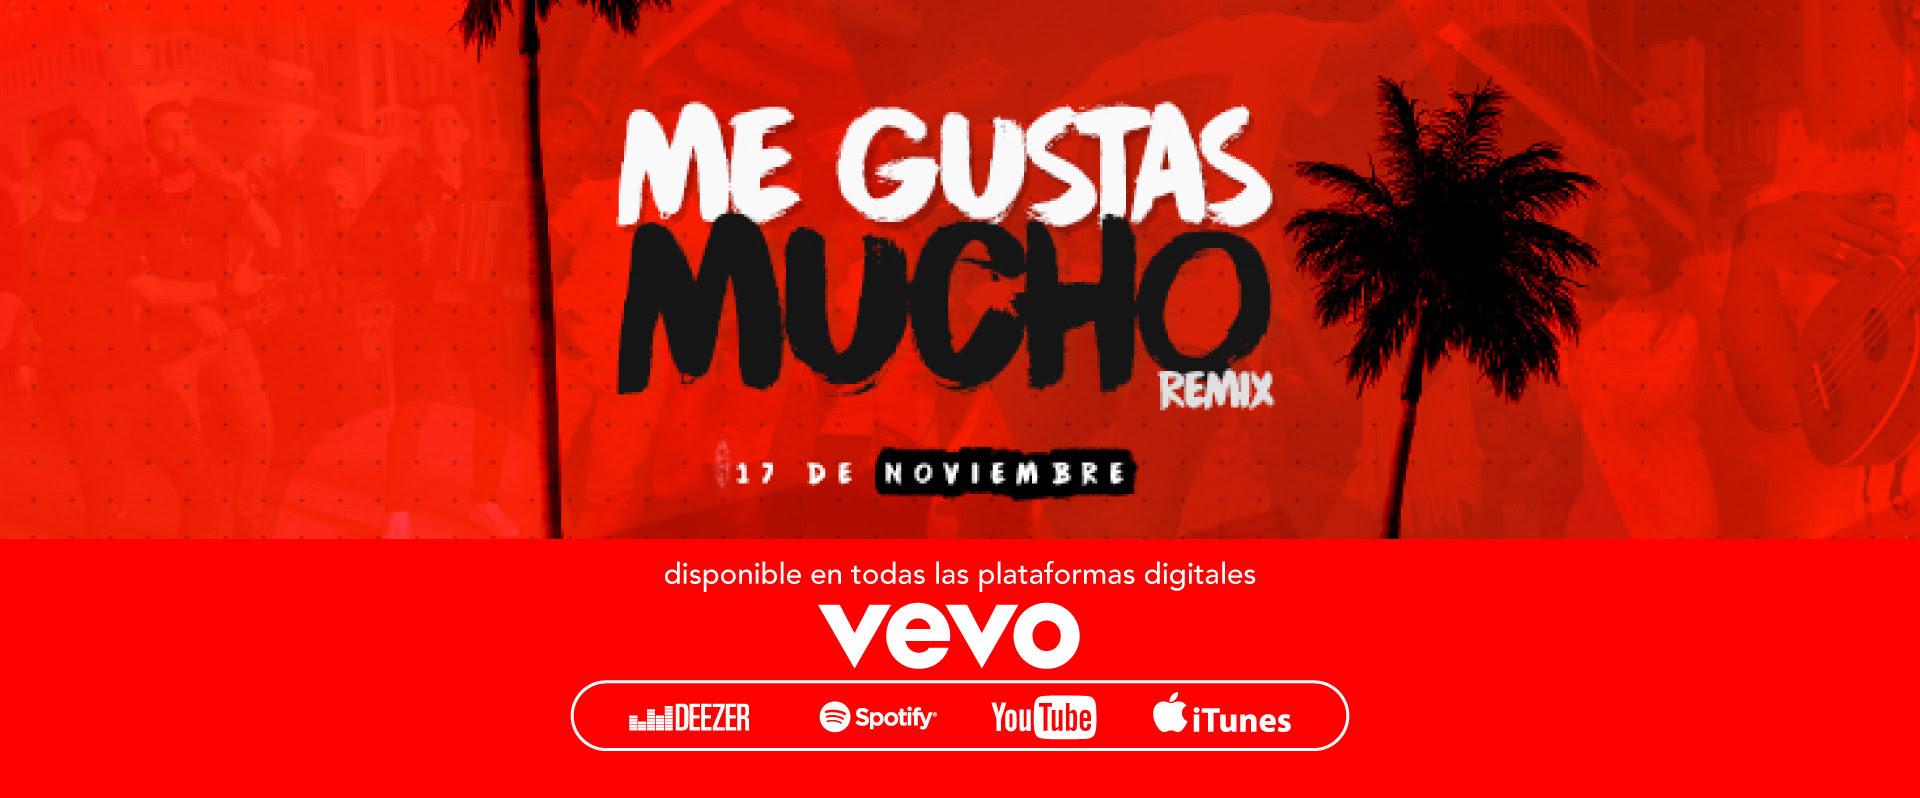 Jorge Celedón Estrena Me Gustas Mucho Remix Ft Alkilados